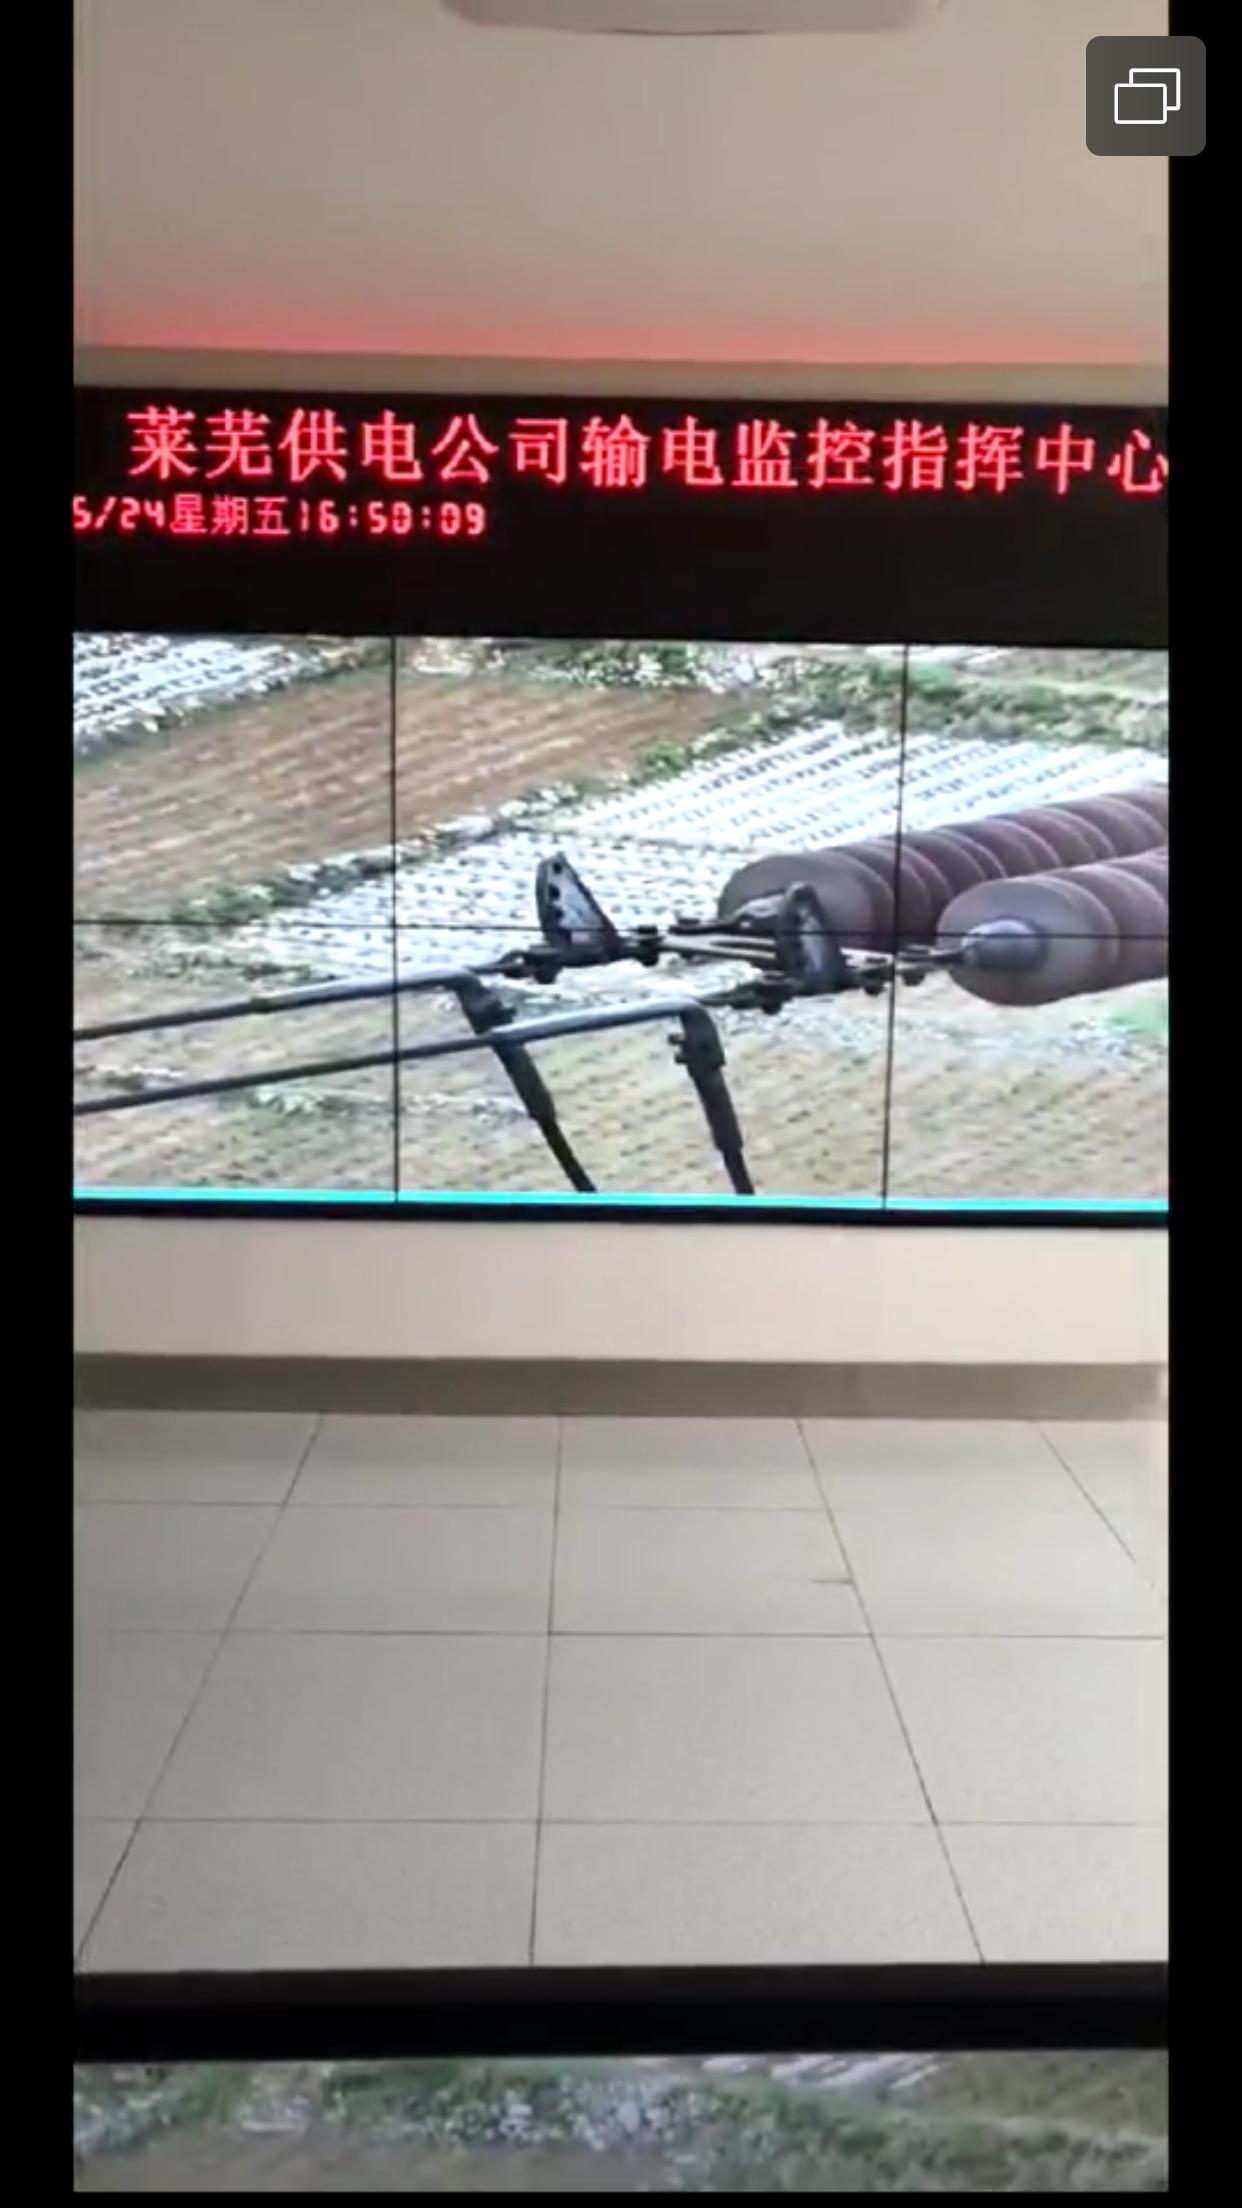 国家电网-山东莱芜220kV翟钢线巡检应用项目